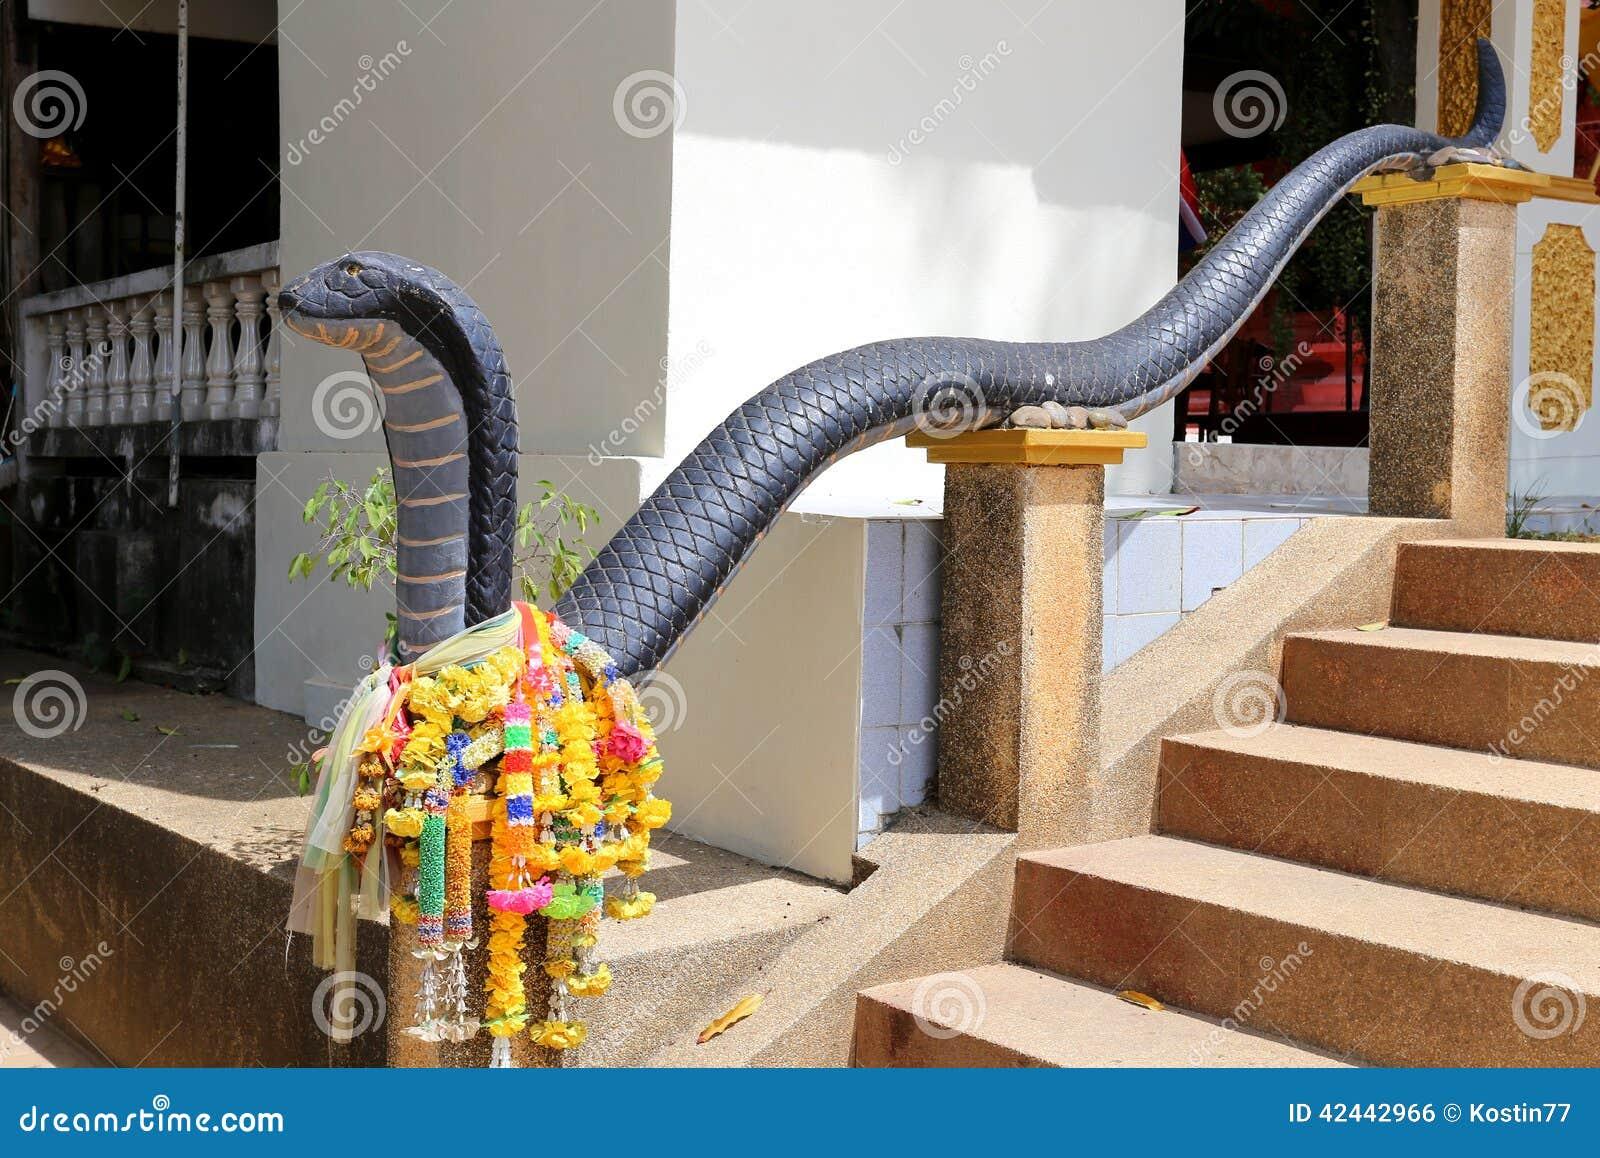 Escalera con las cobras